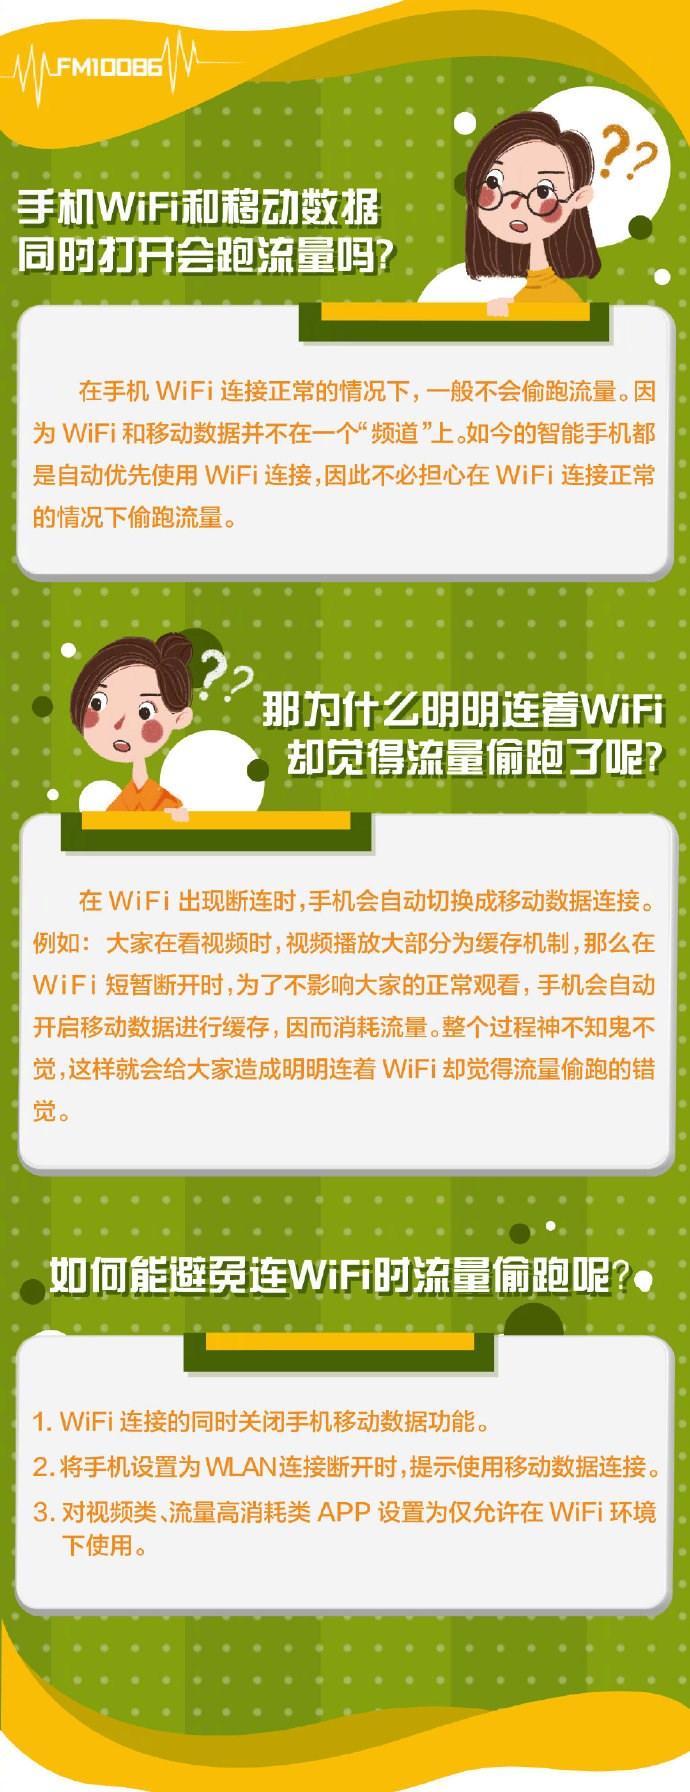 中国移动:手机连接Wi-Fi后要关闭移动网络吗